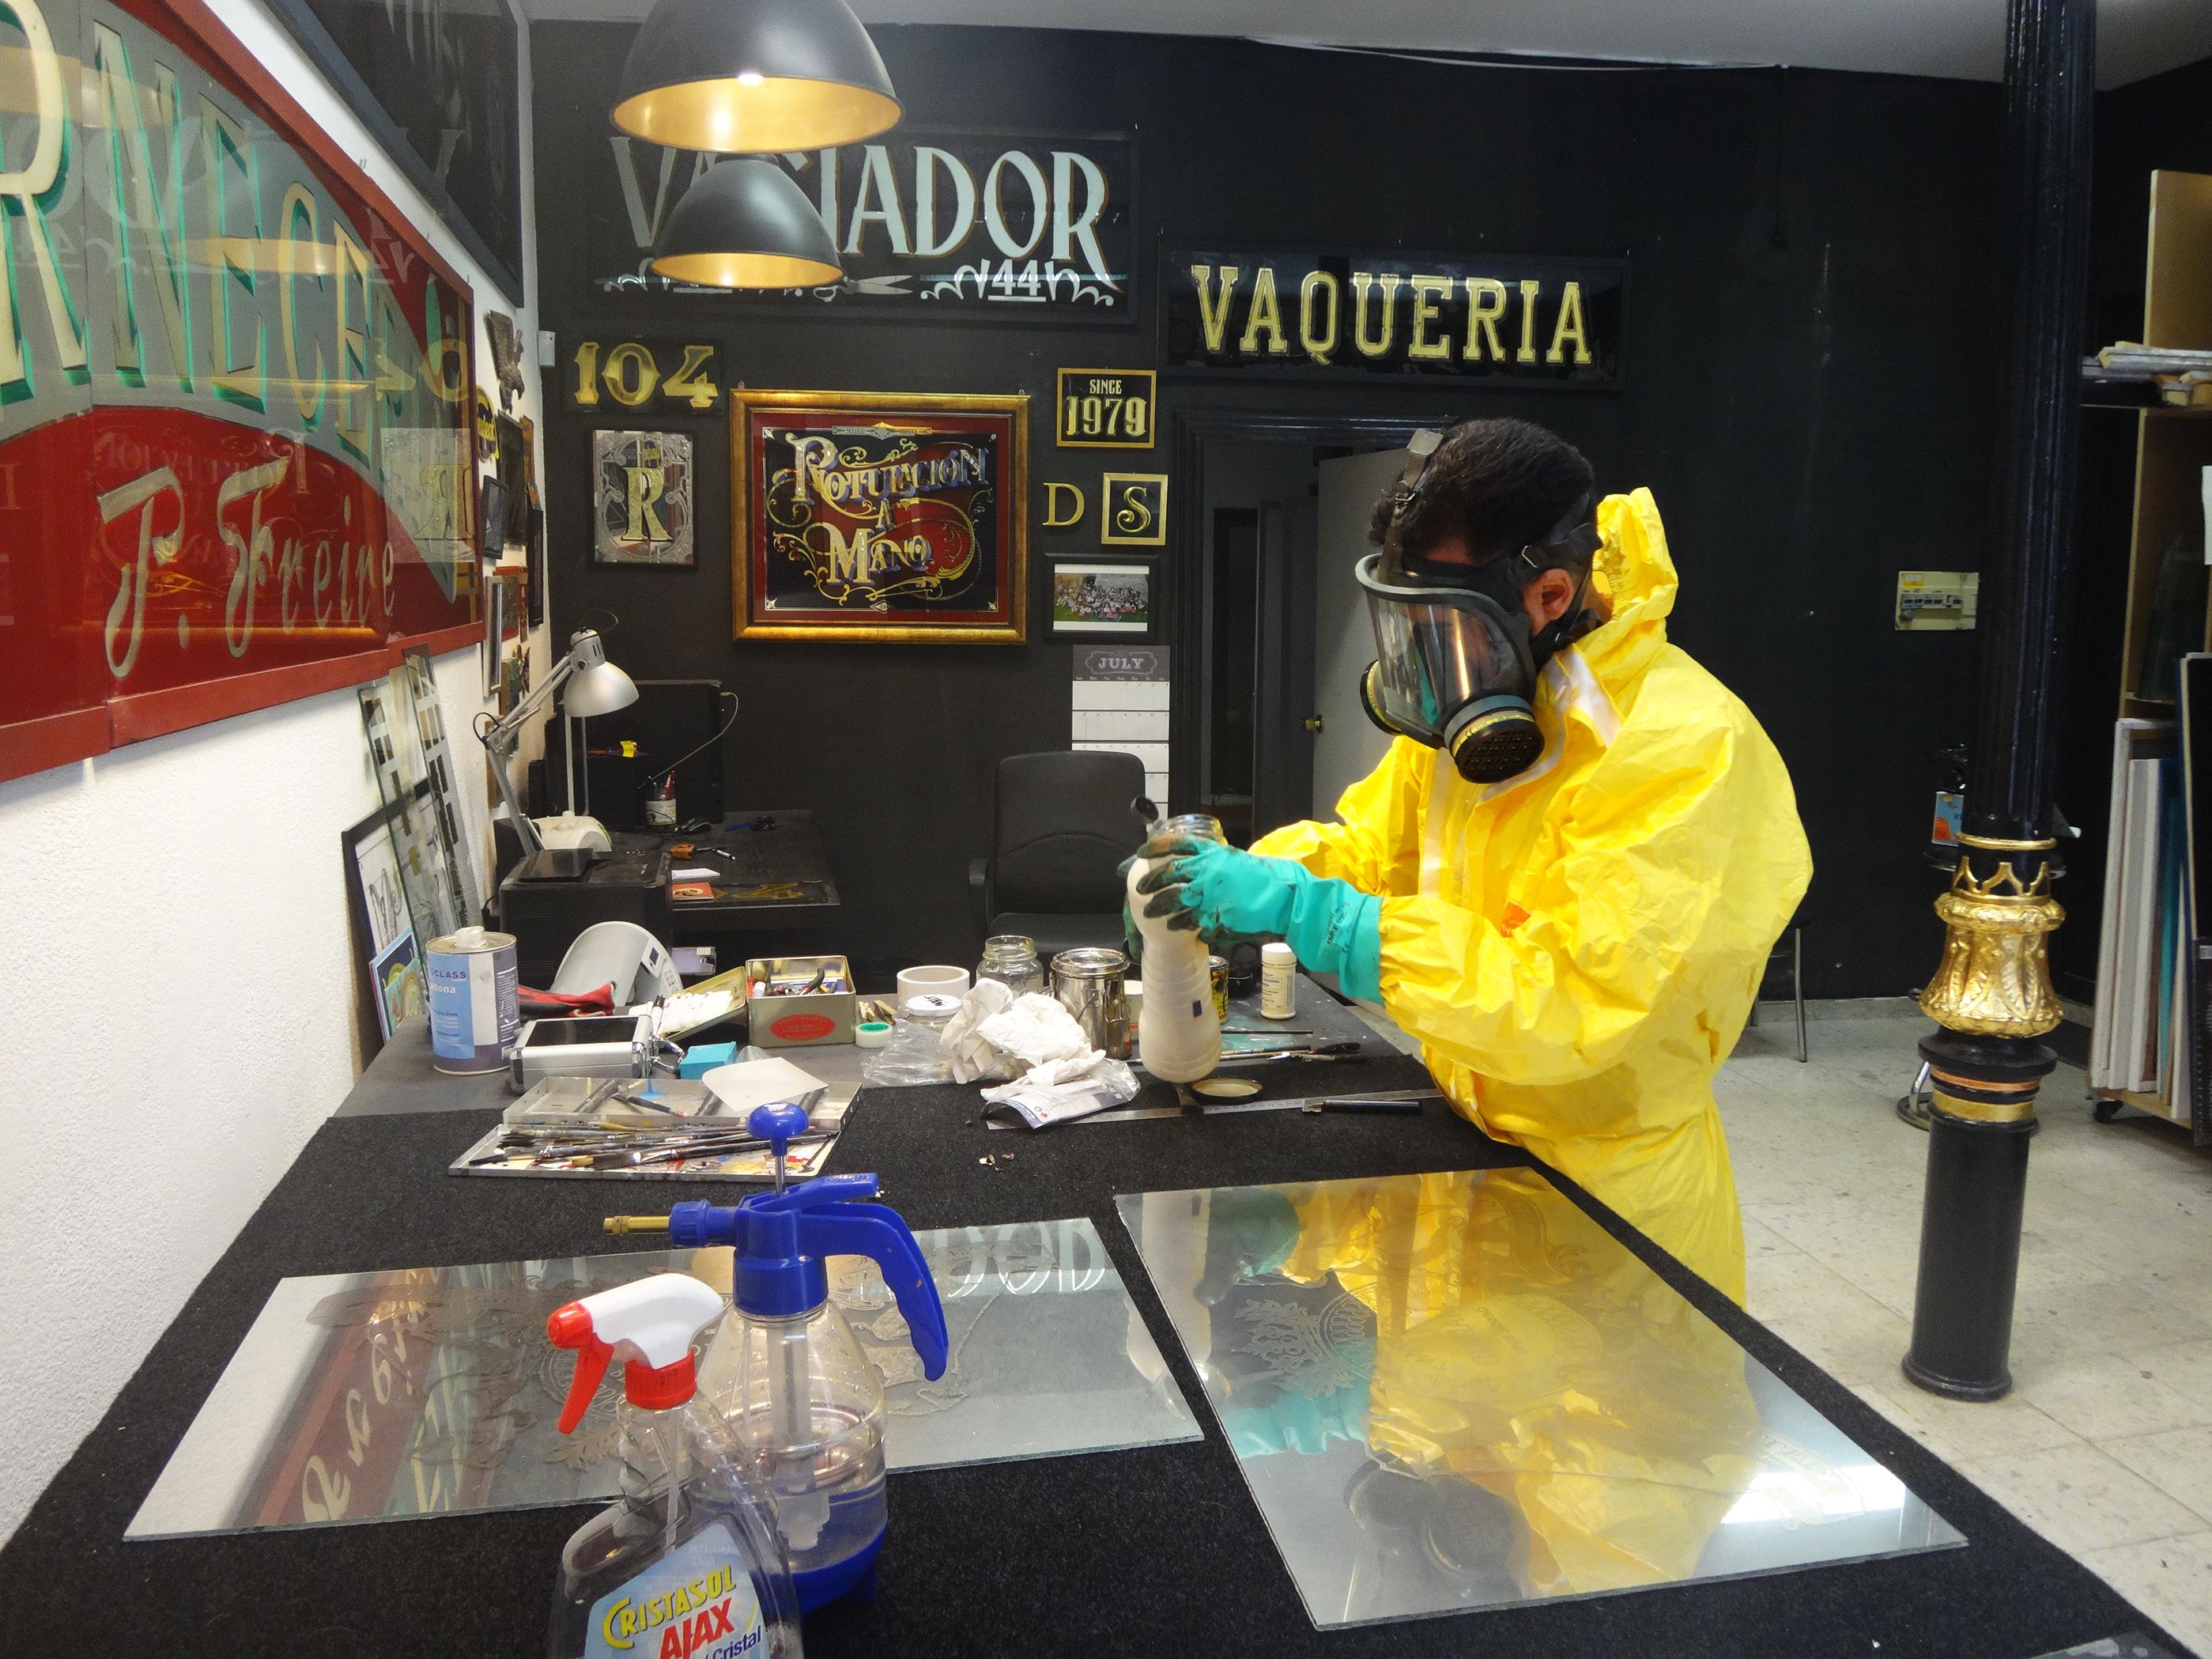 Trabajando con seguridad en la parte quimica